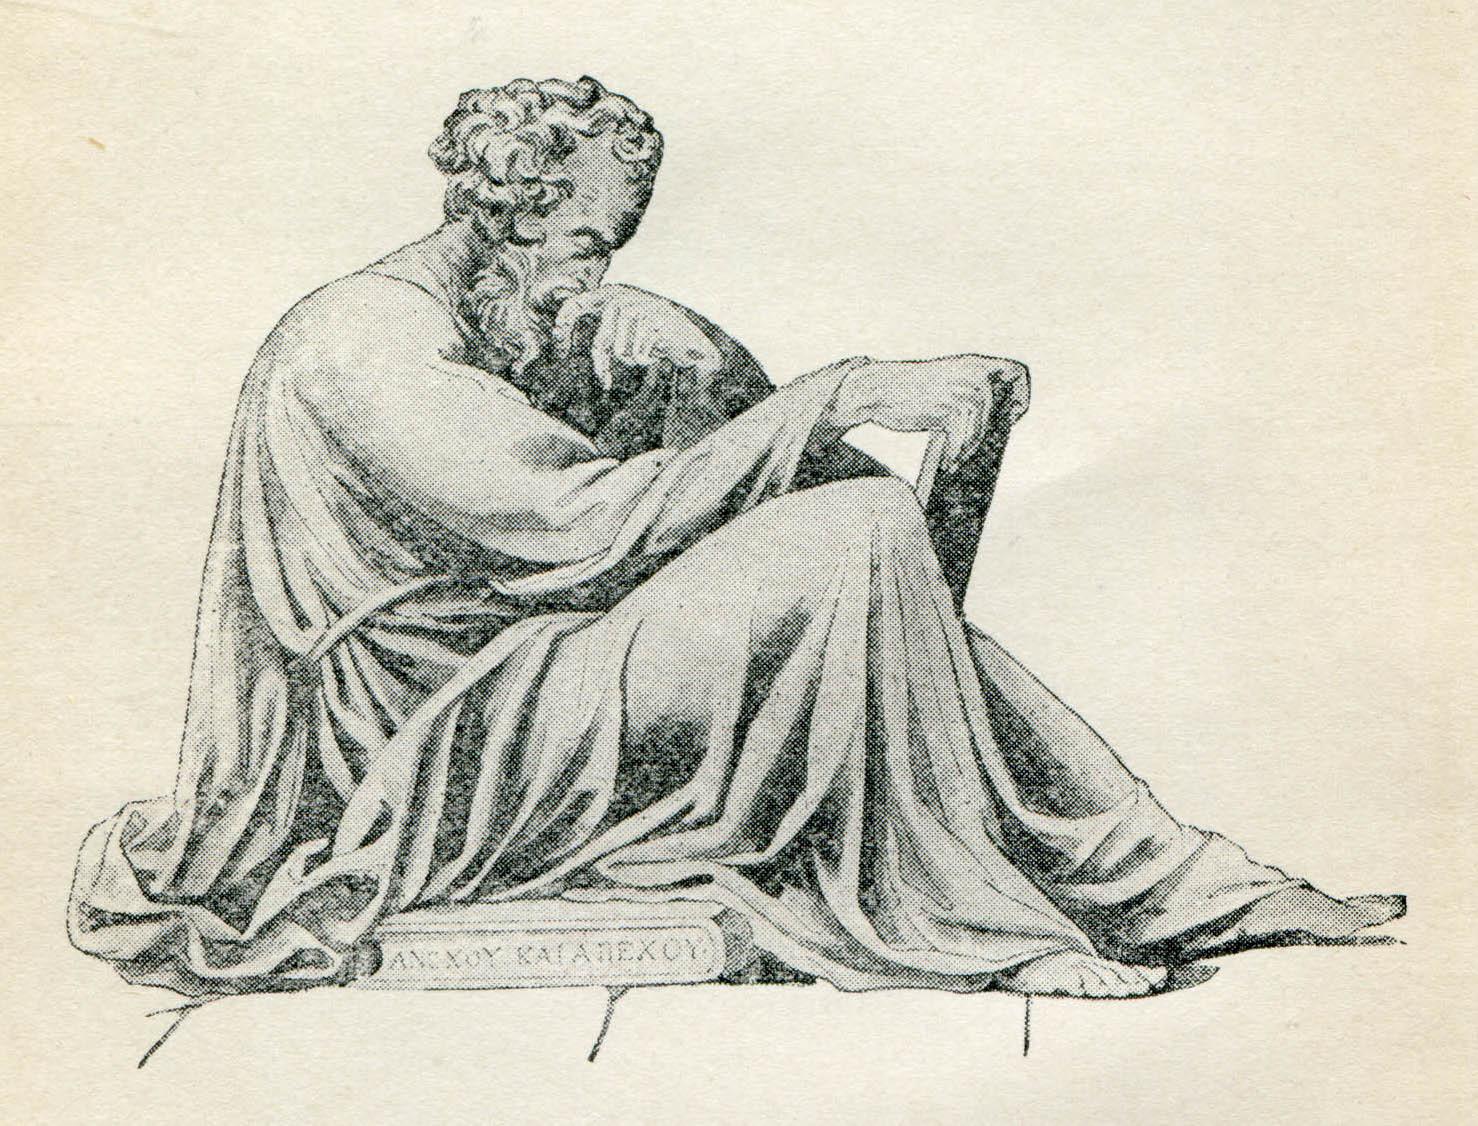 Poet Epictetus